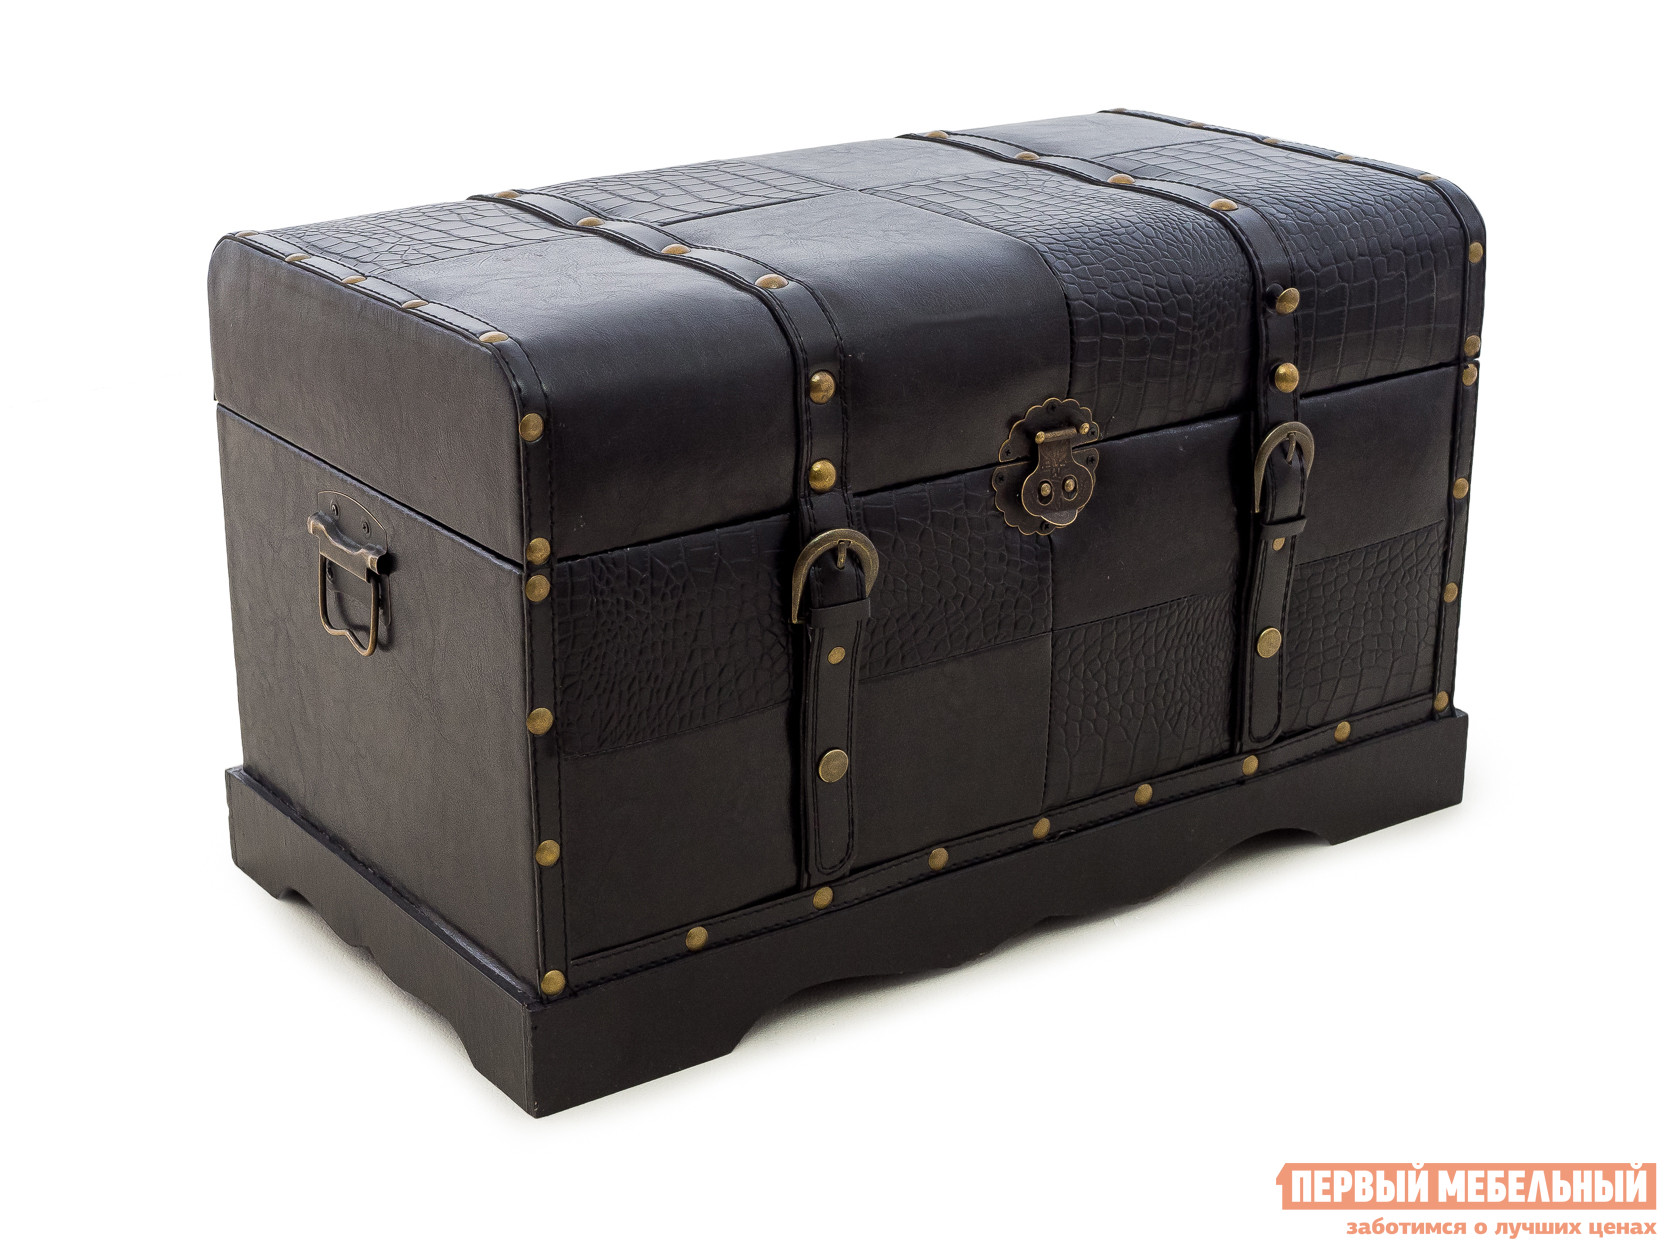 Банкетка МебельТорг 2555 L/M/S Средний, Черная «змеиная» экокожа